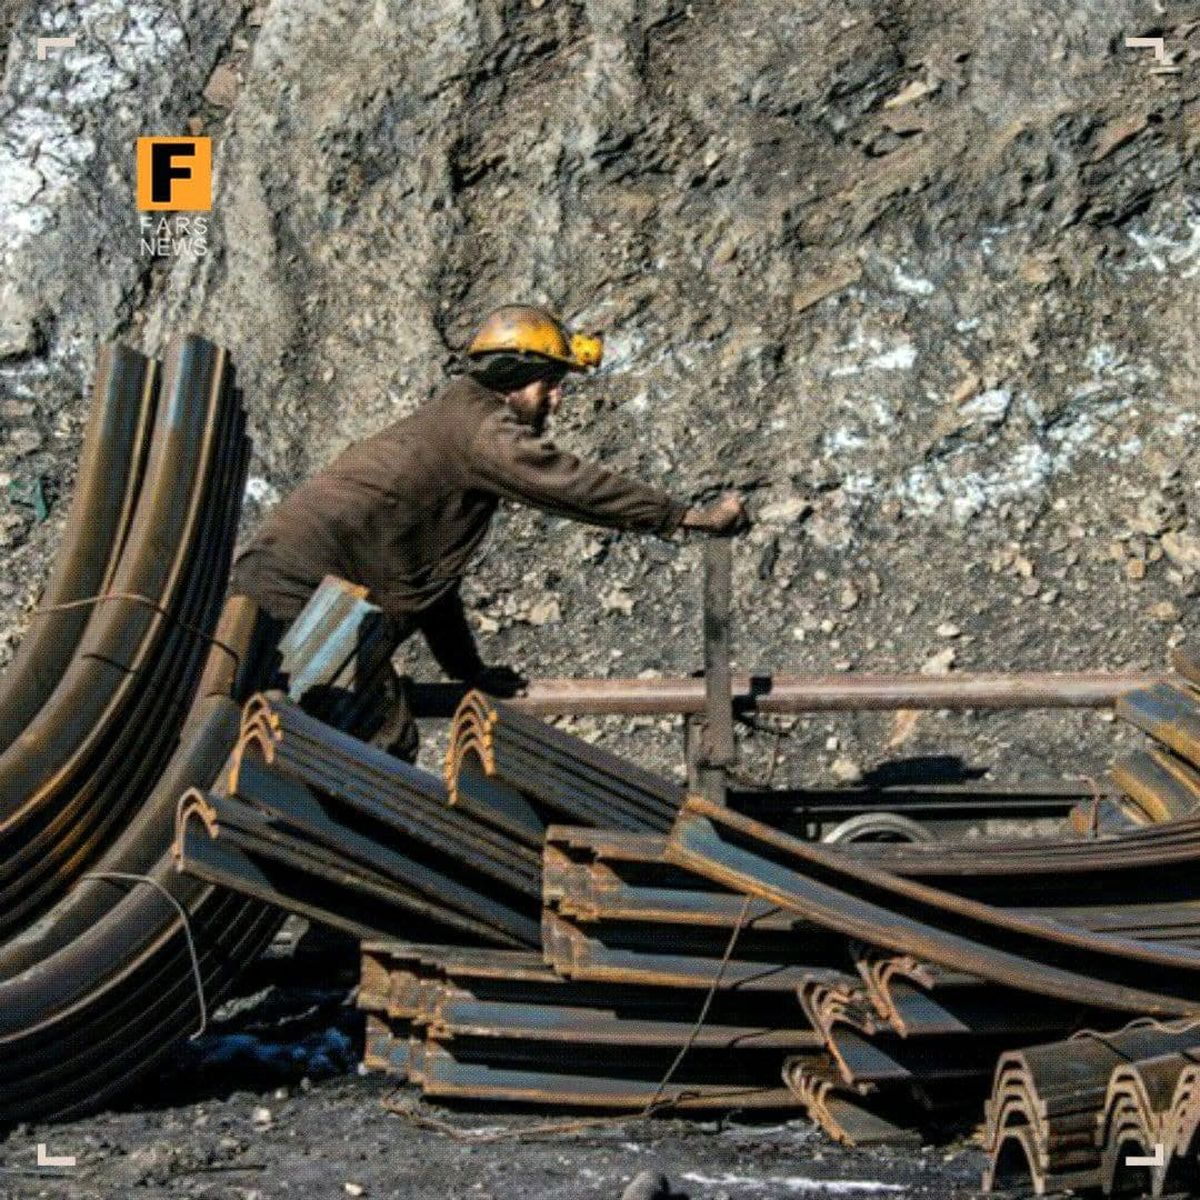 قانون حداقل مزد برای پشتیبانی از کارگران